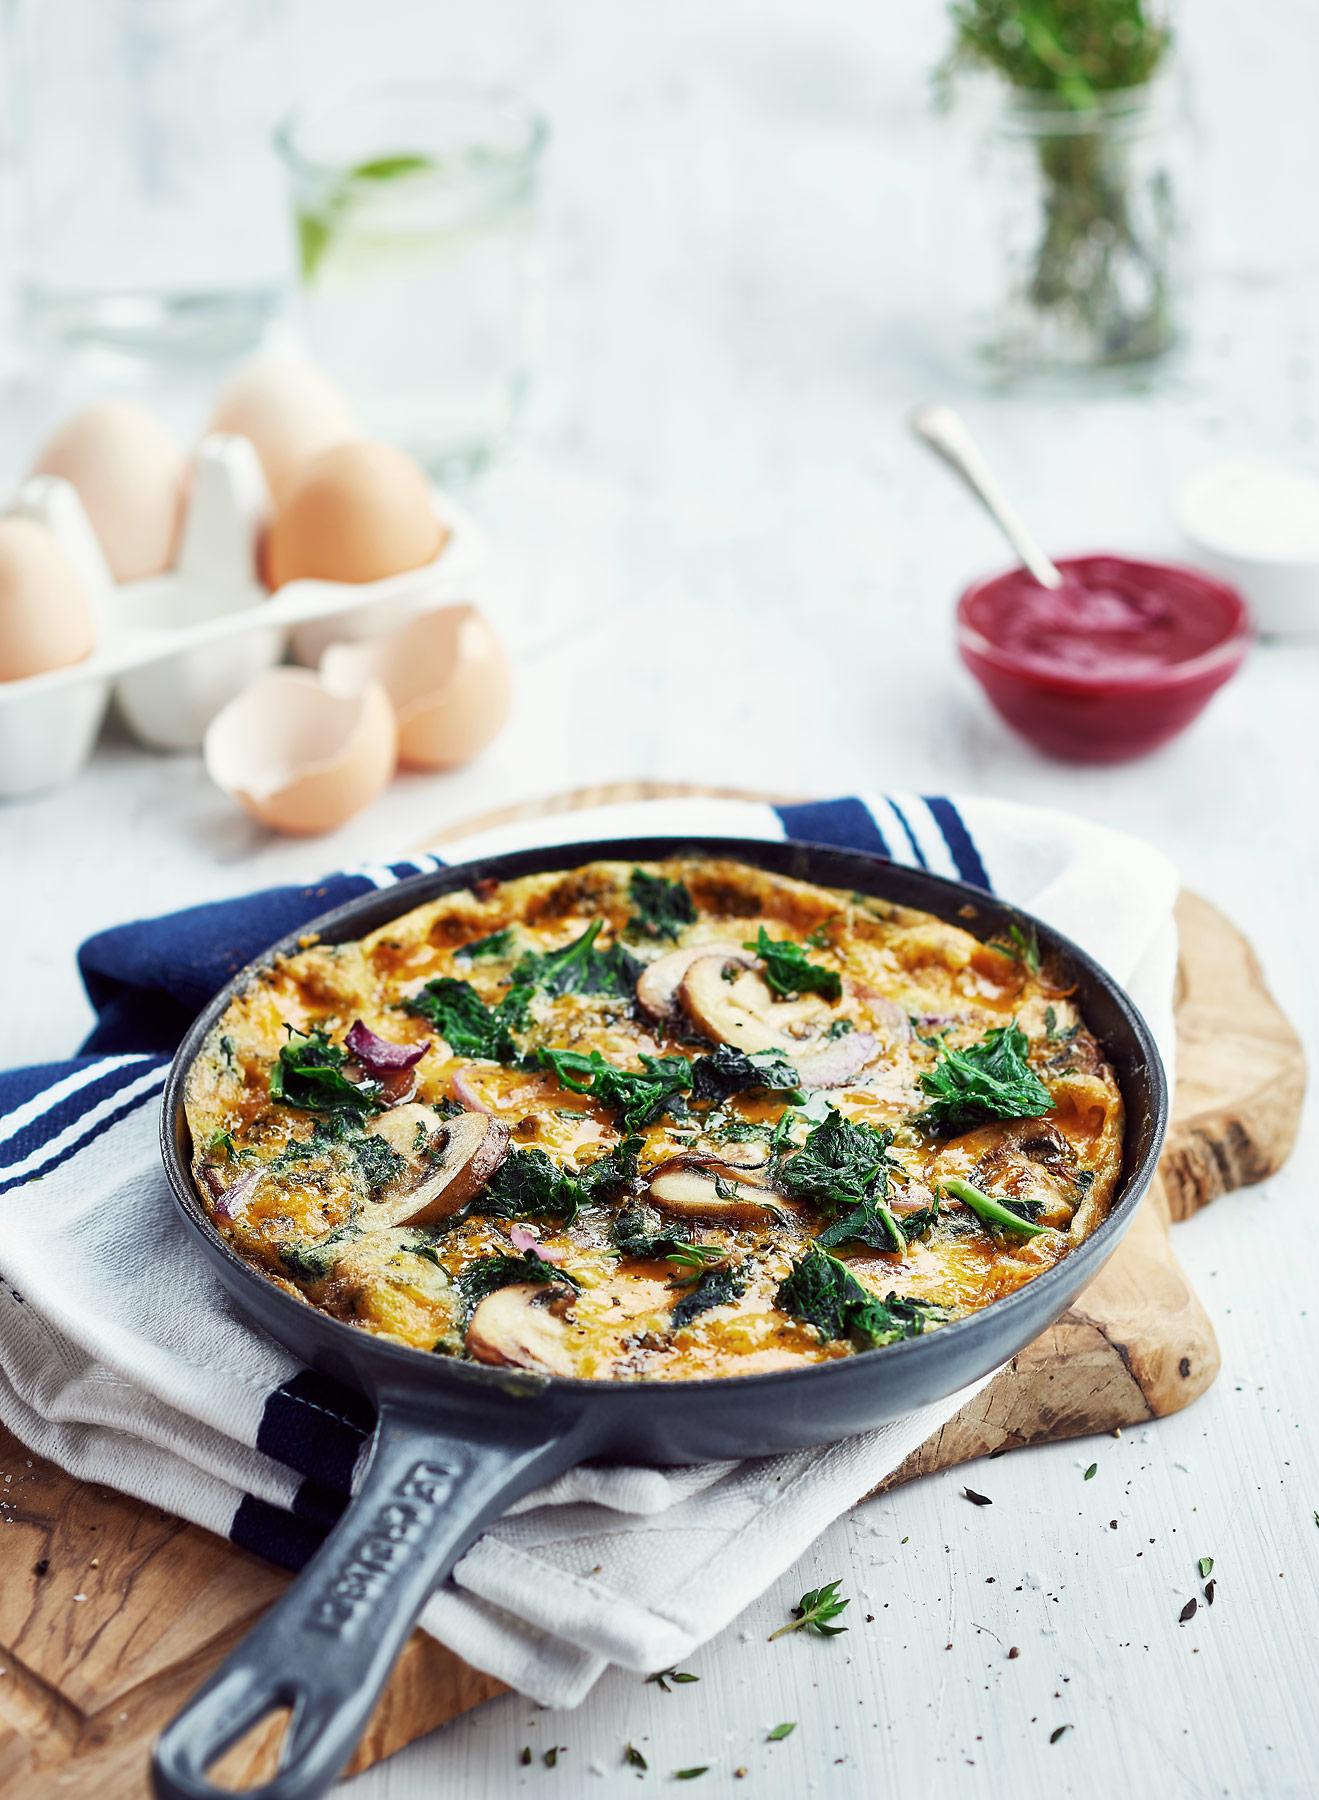 Kale and mushroom omlette